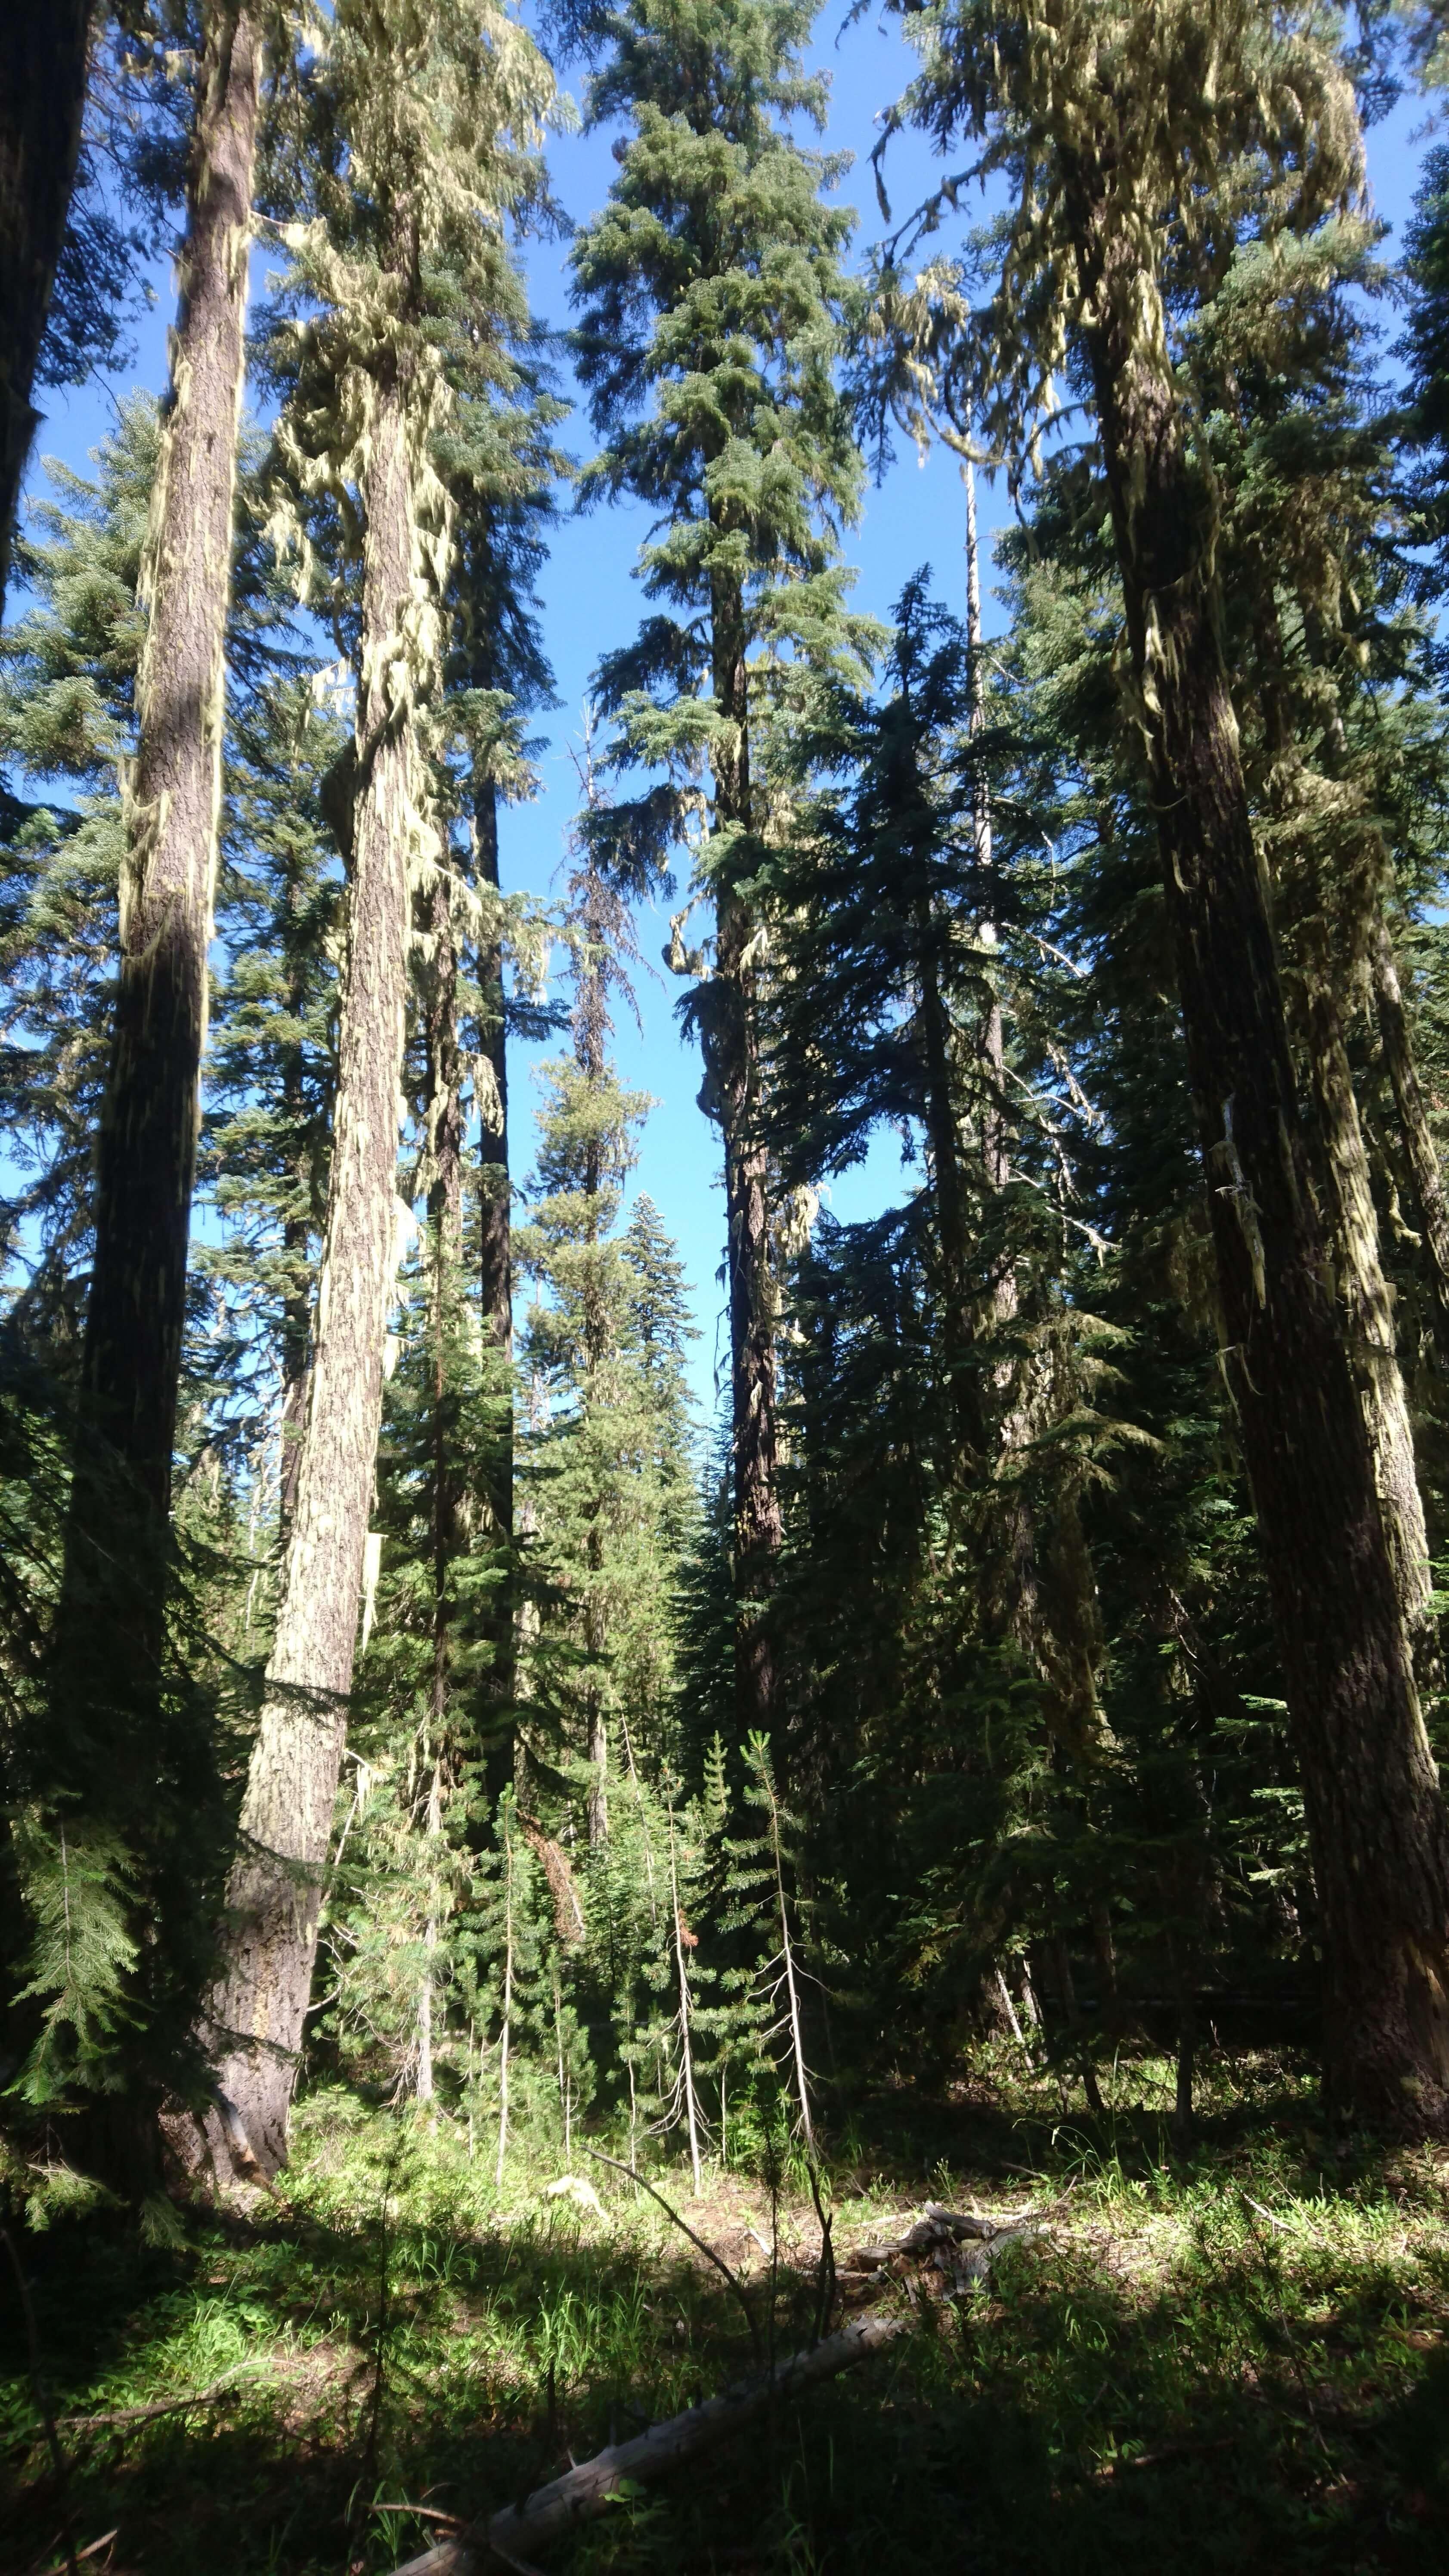 En pente douce dans la forêt